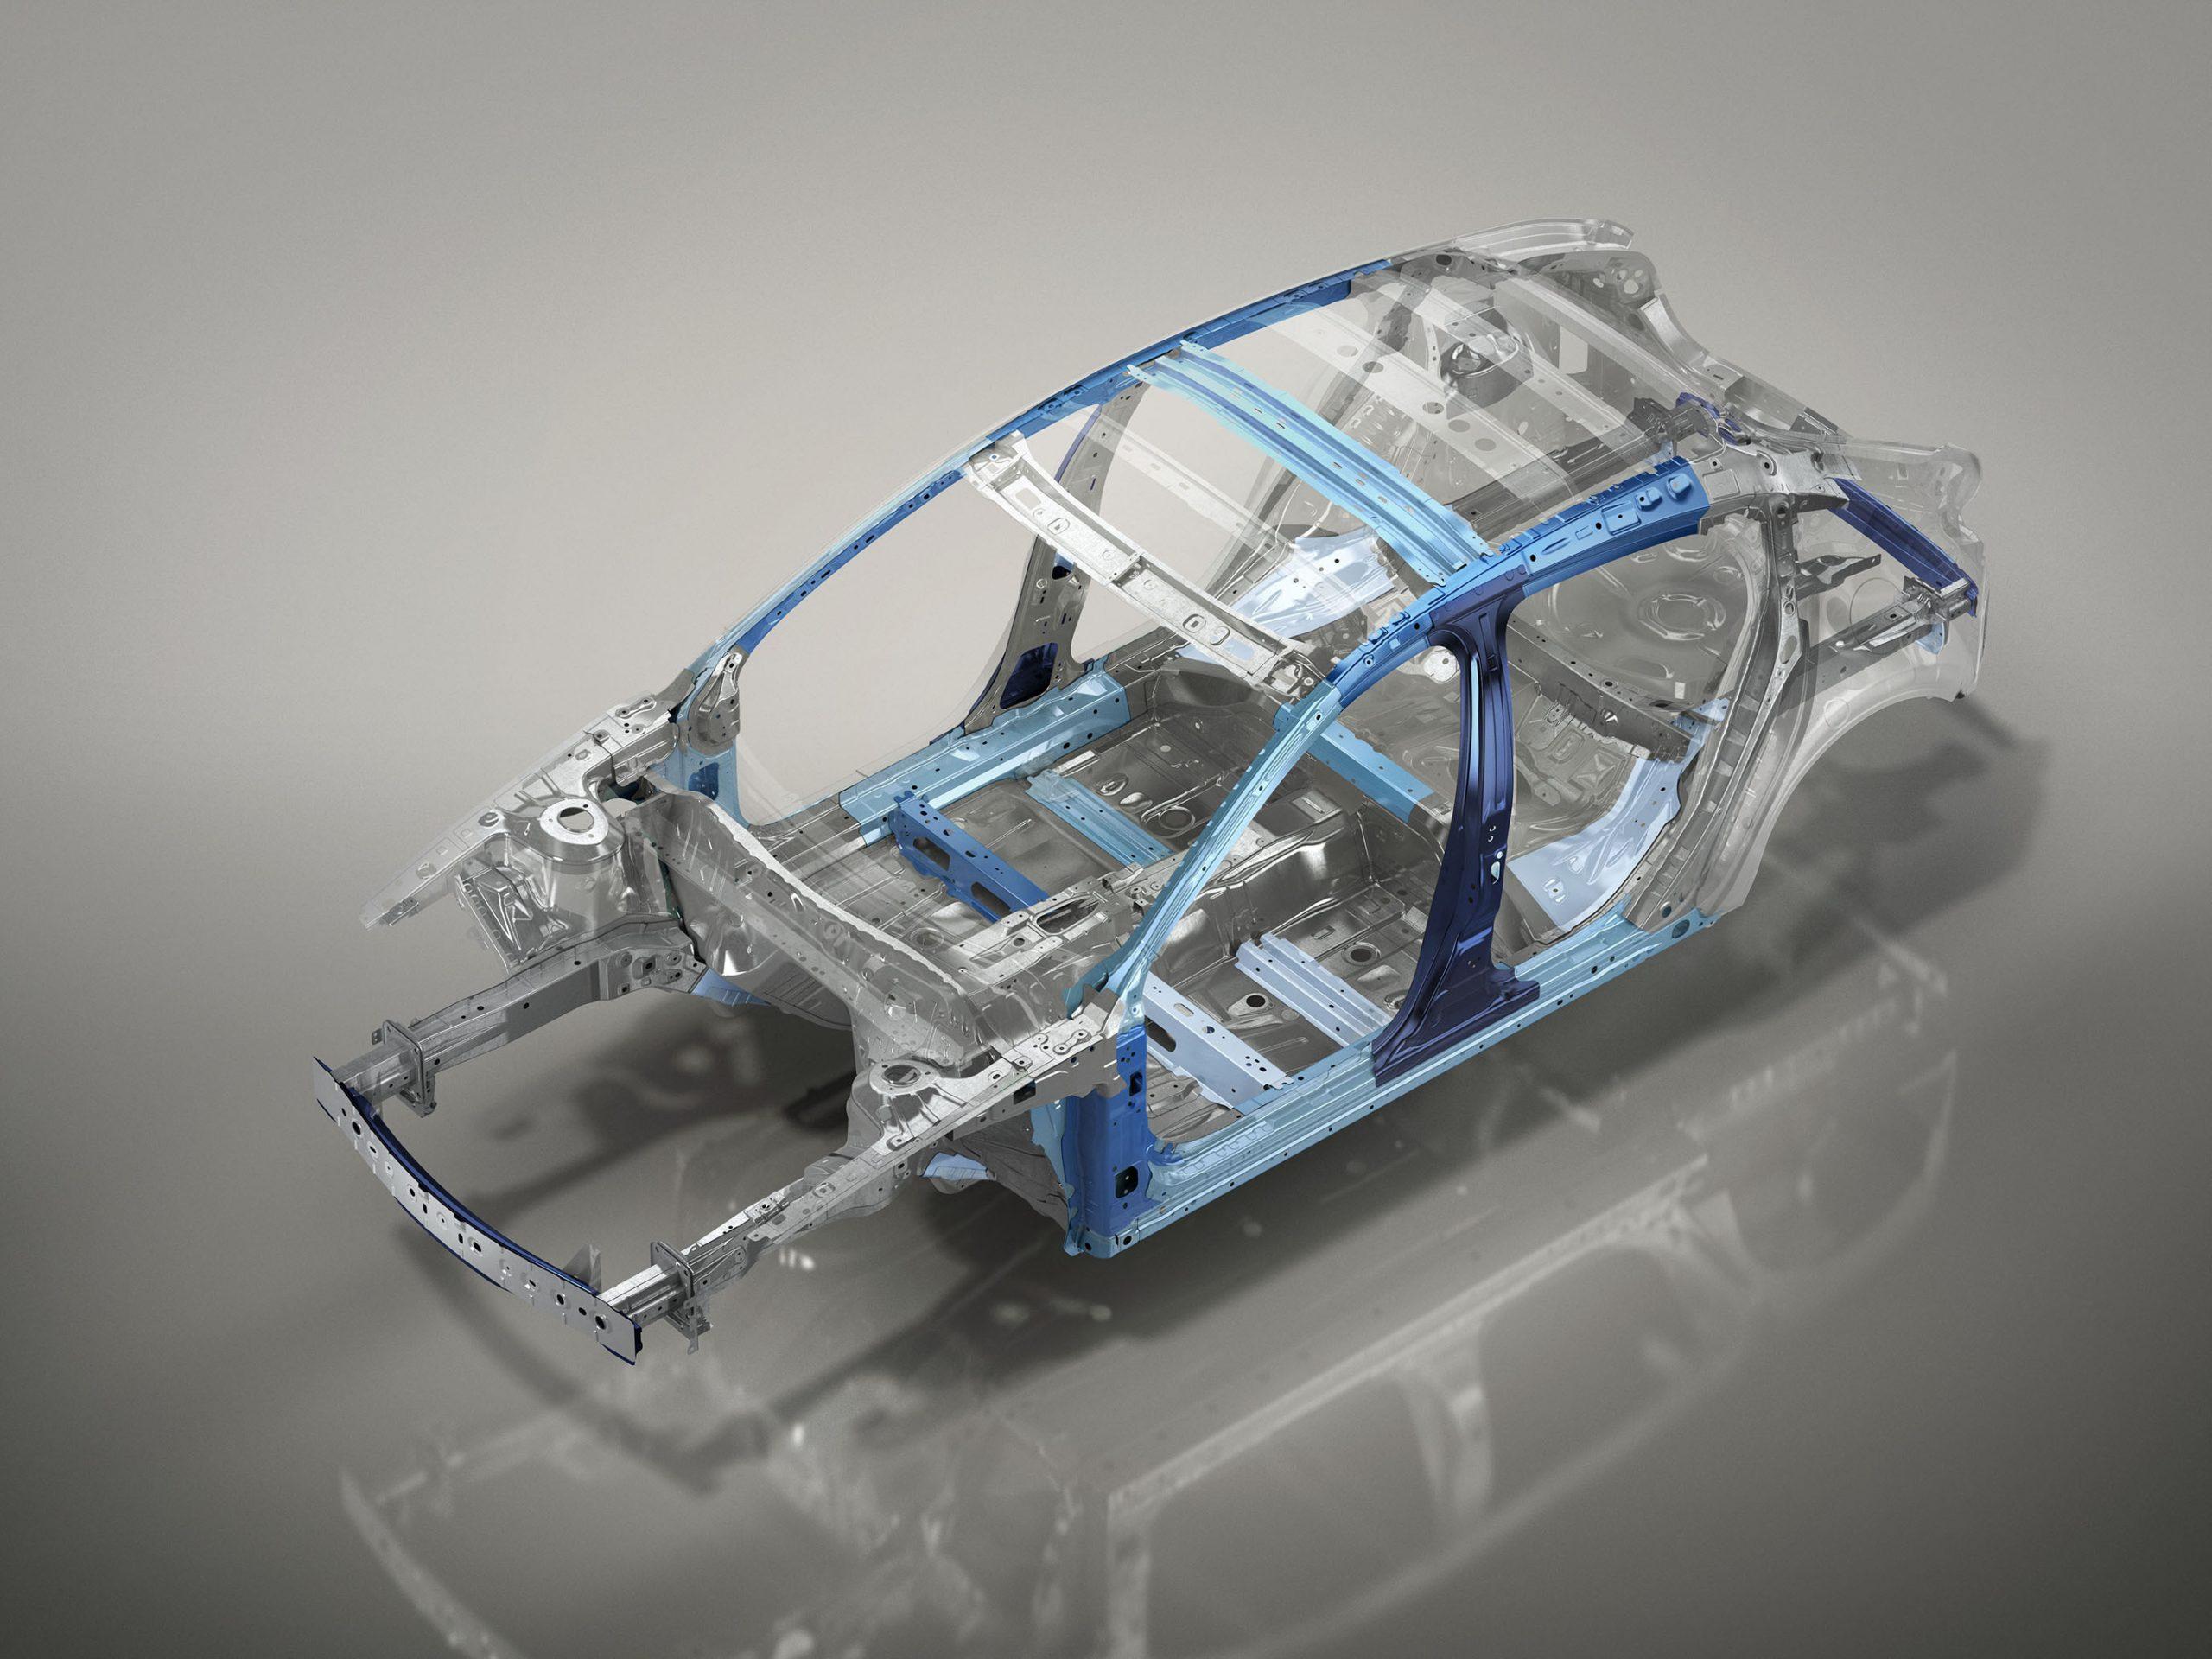 ข่าวรถวันนี้ : ใกล้คลอด!! มาสด้า CX-30 การันตี โครงสร้างตัวถังใหม่ ปลอดภัยระดับโลก